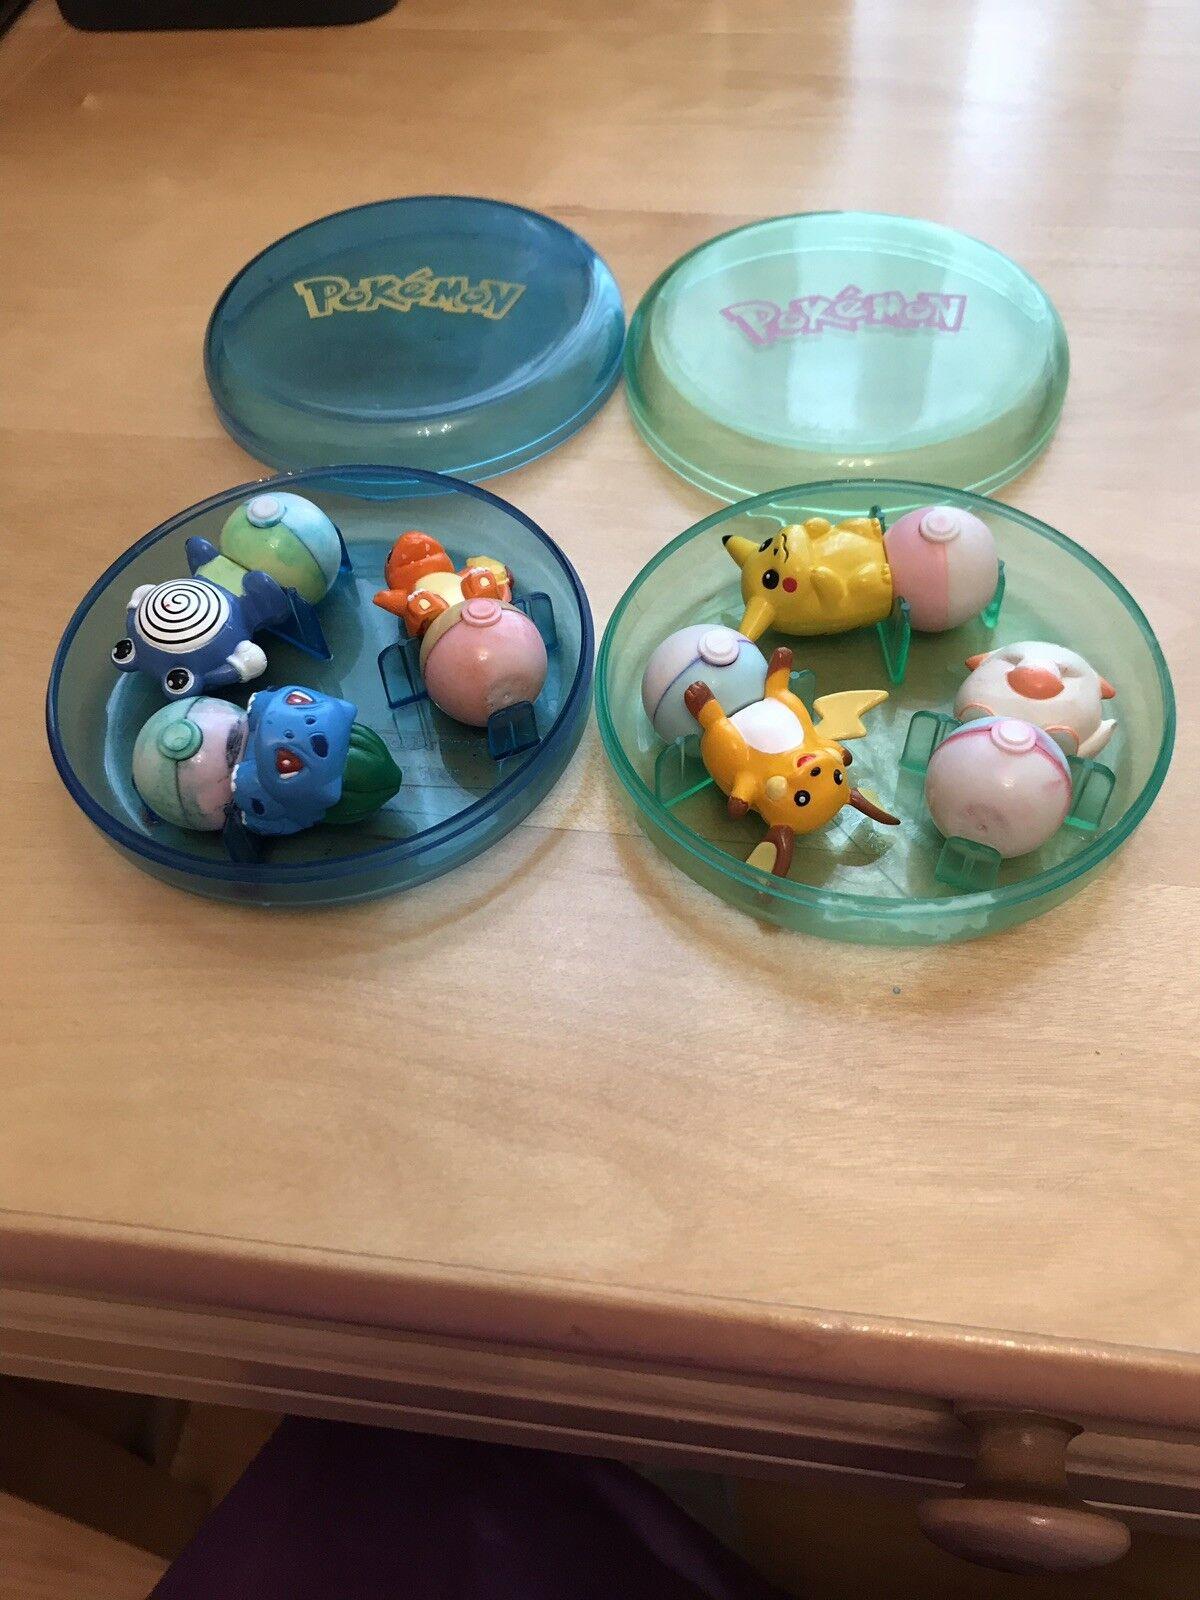 Oldtimer - menge pokemon pikachu, wenn 2 kisten  boltasar, poliwhirl, etc...